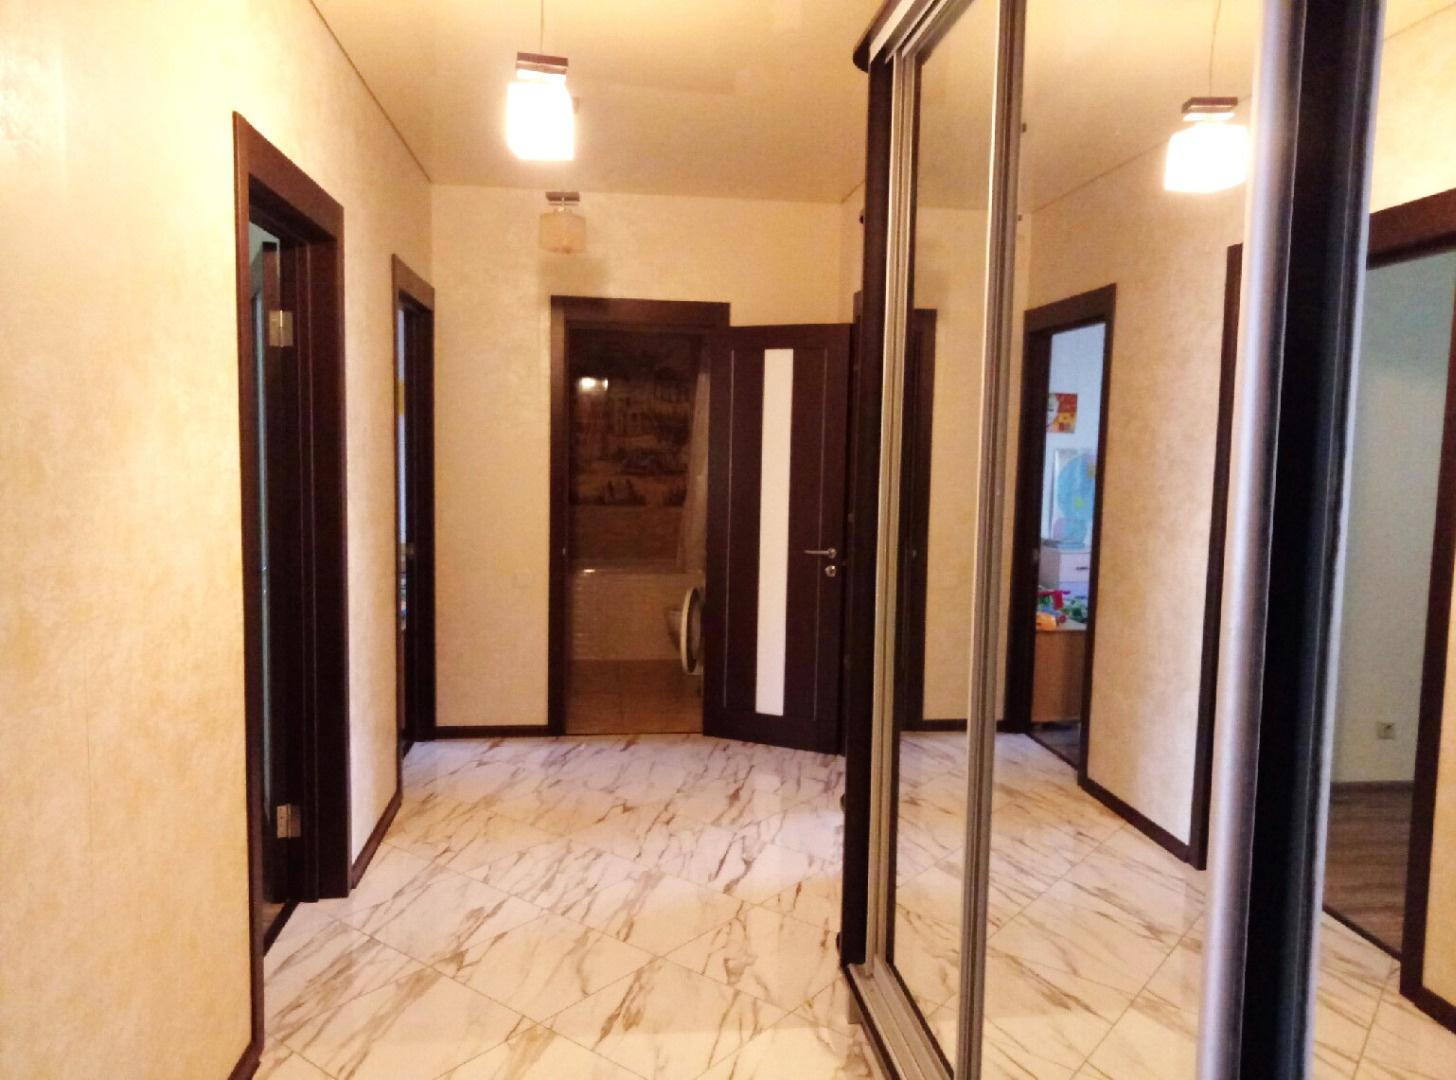 Продается 3-комнатная квартира на ул. Марсельская — 89 000 у.е. (фото №12)